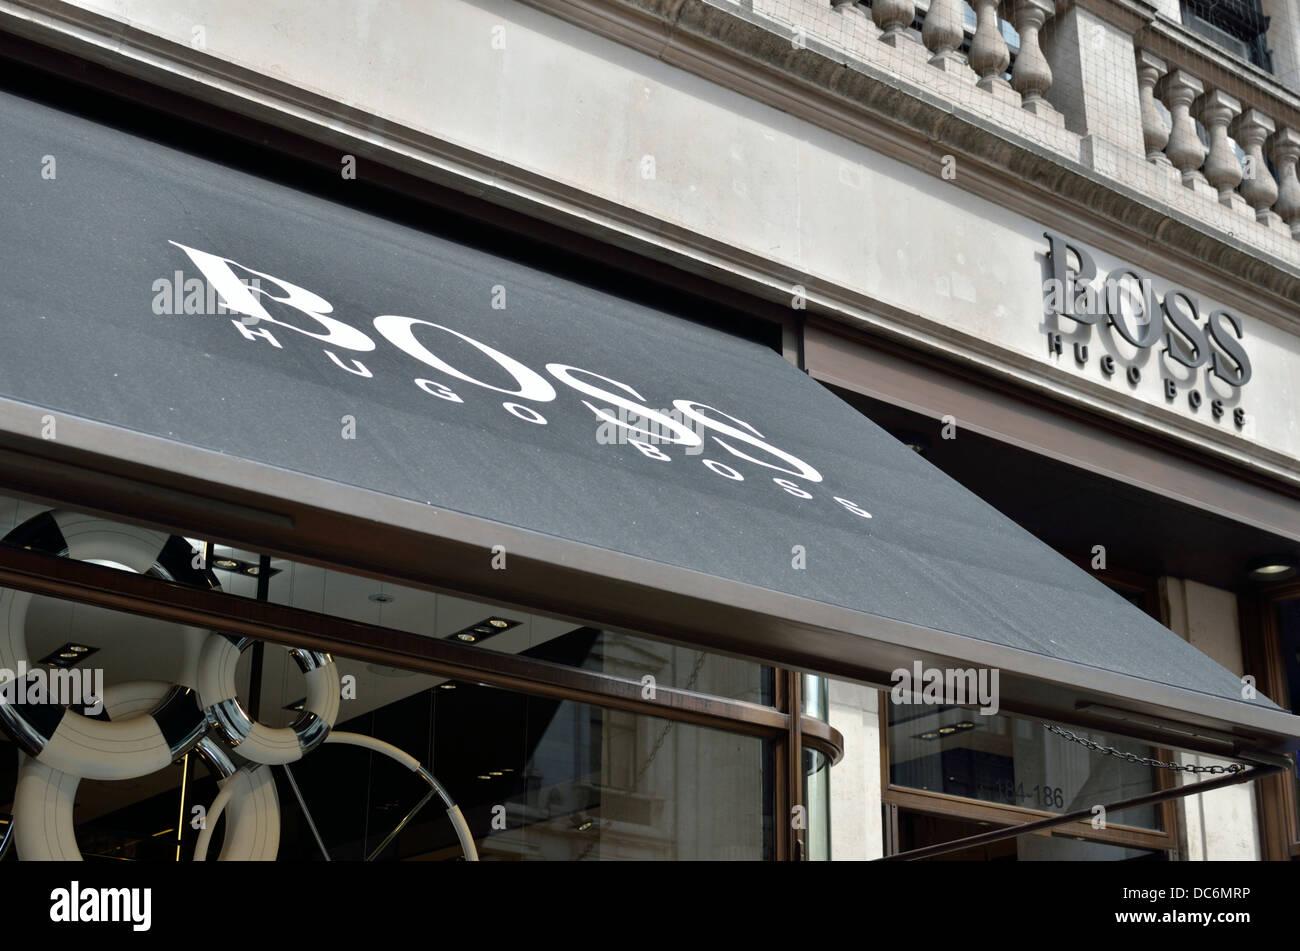 Hugo Boss men's fashion store in Regent Street, London, UK. - Stock Image